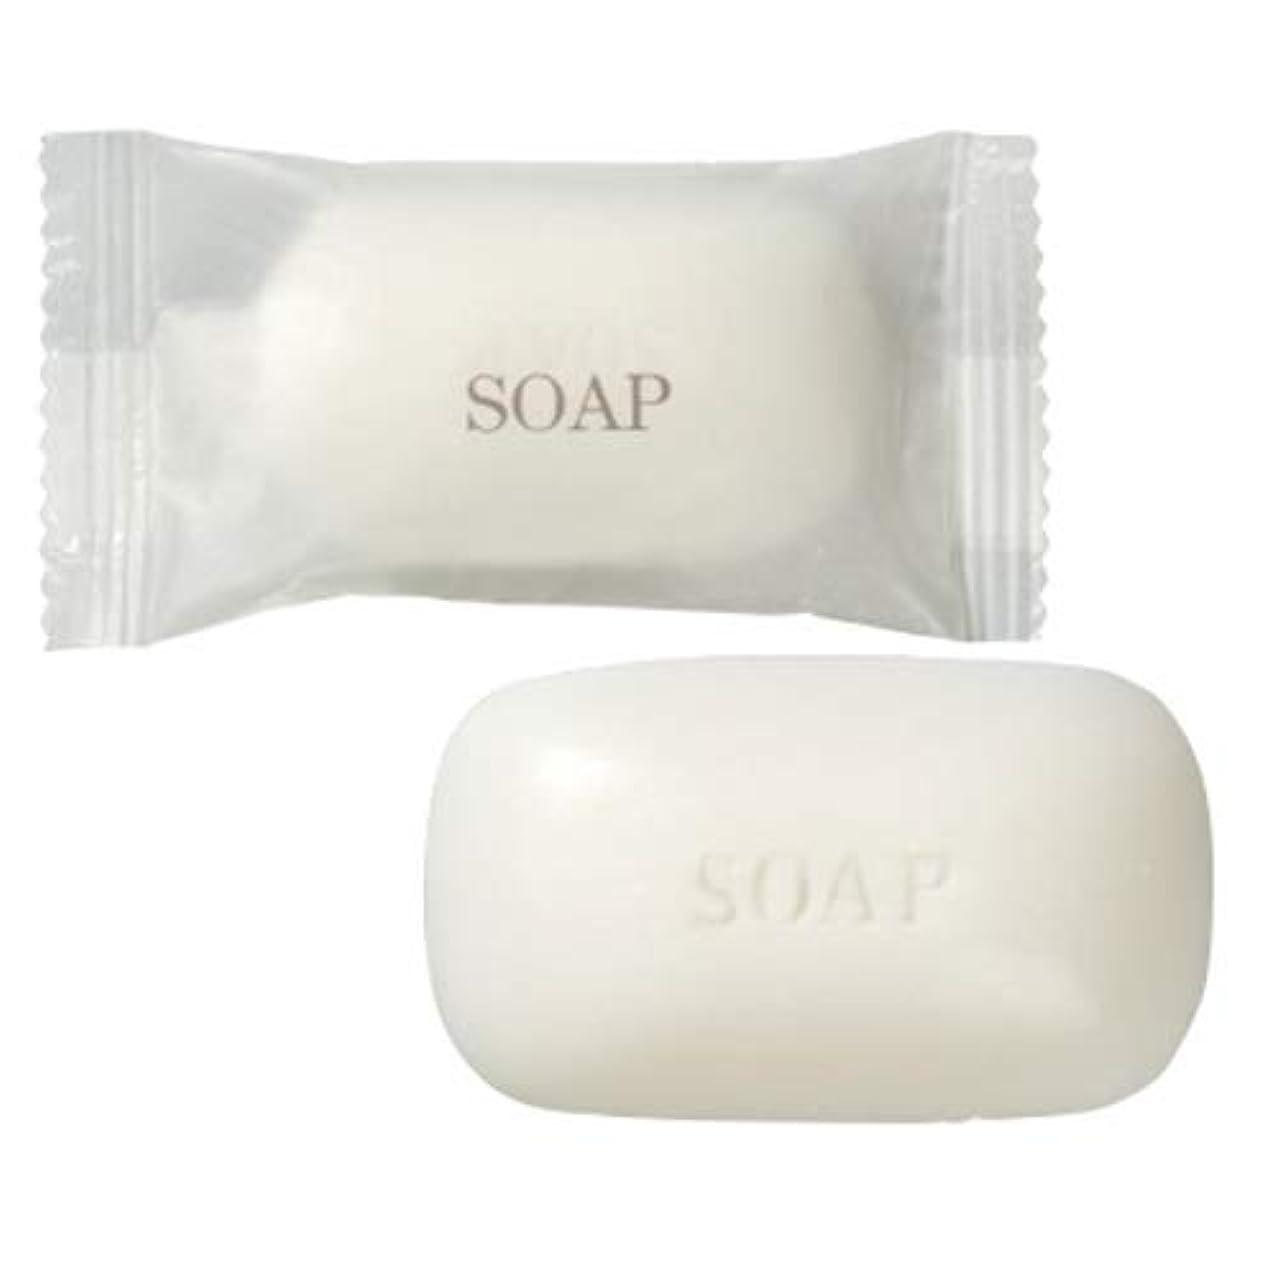 ミットイライラする発火する業務用 フィードソープ(FEED SOAP) マット袋(M袋) 15g ×500個 | ホテルアメニティ 個包装